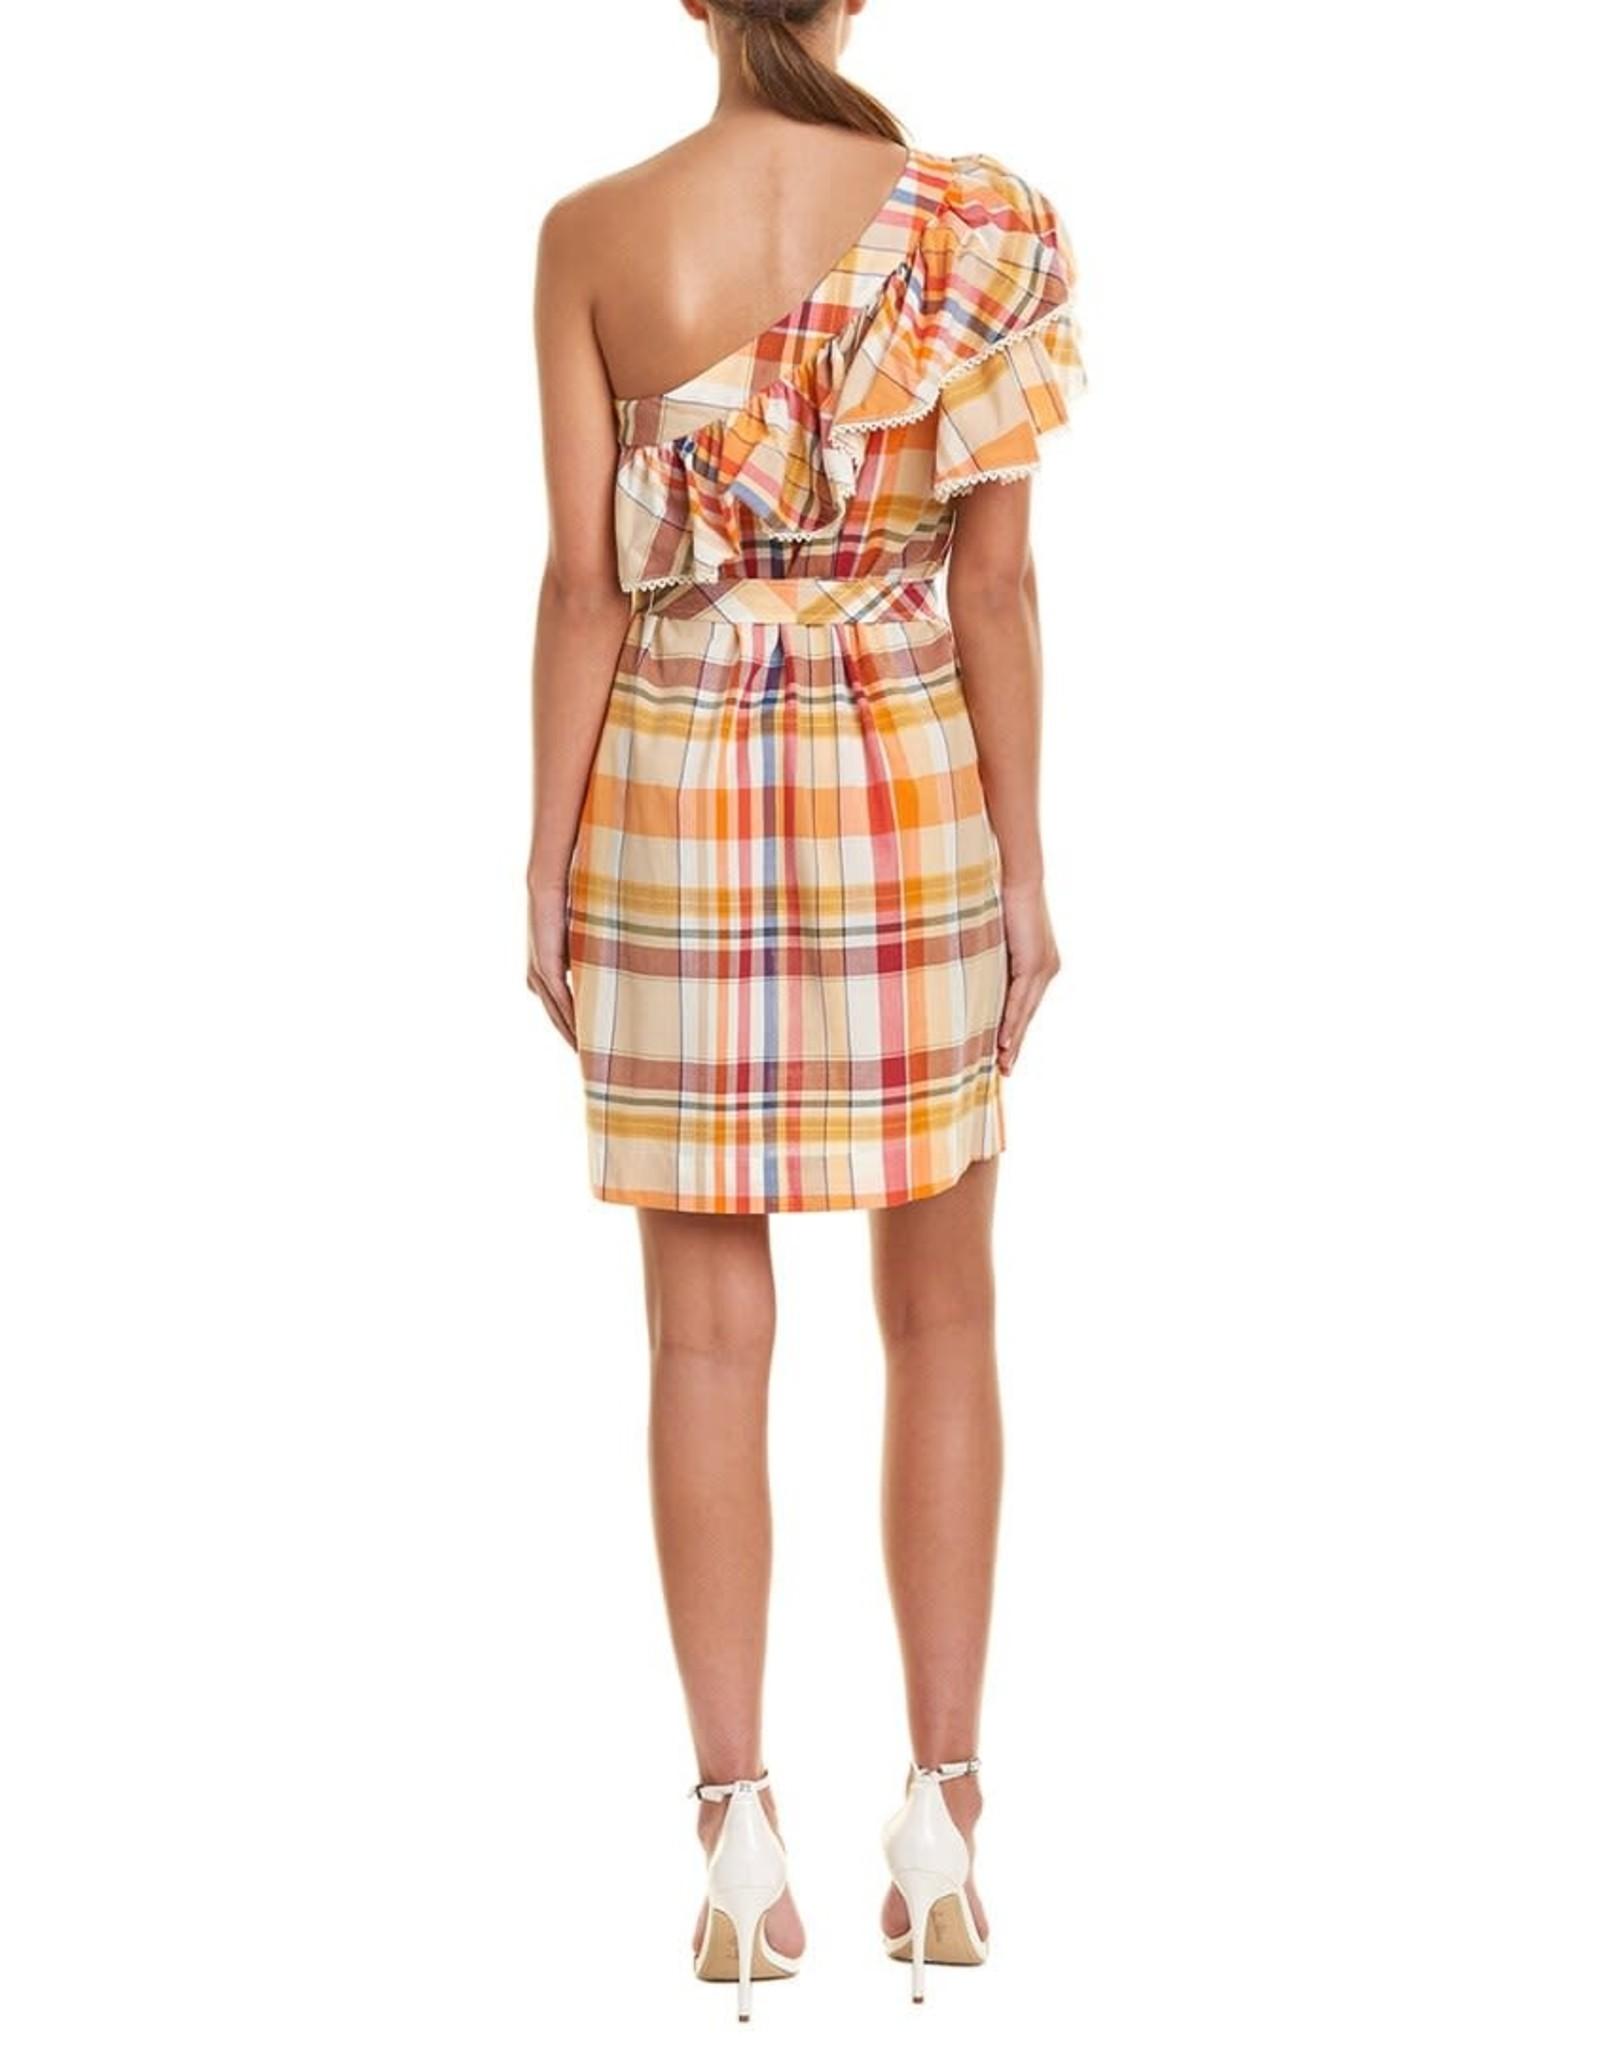 TRINA TURK Trina Turk Dreyes Mini Dress Sz 2